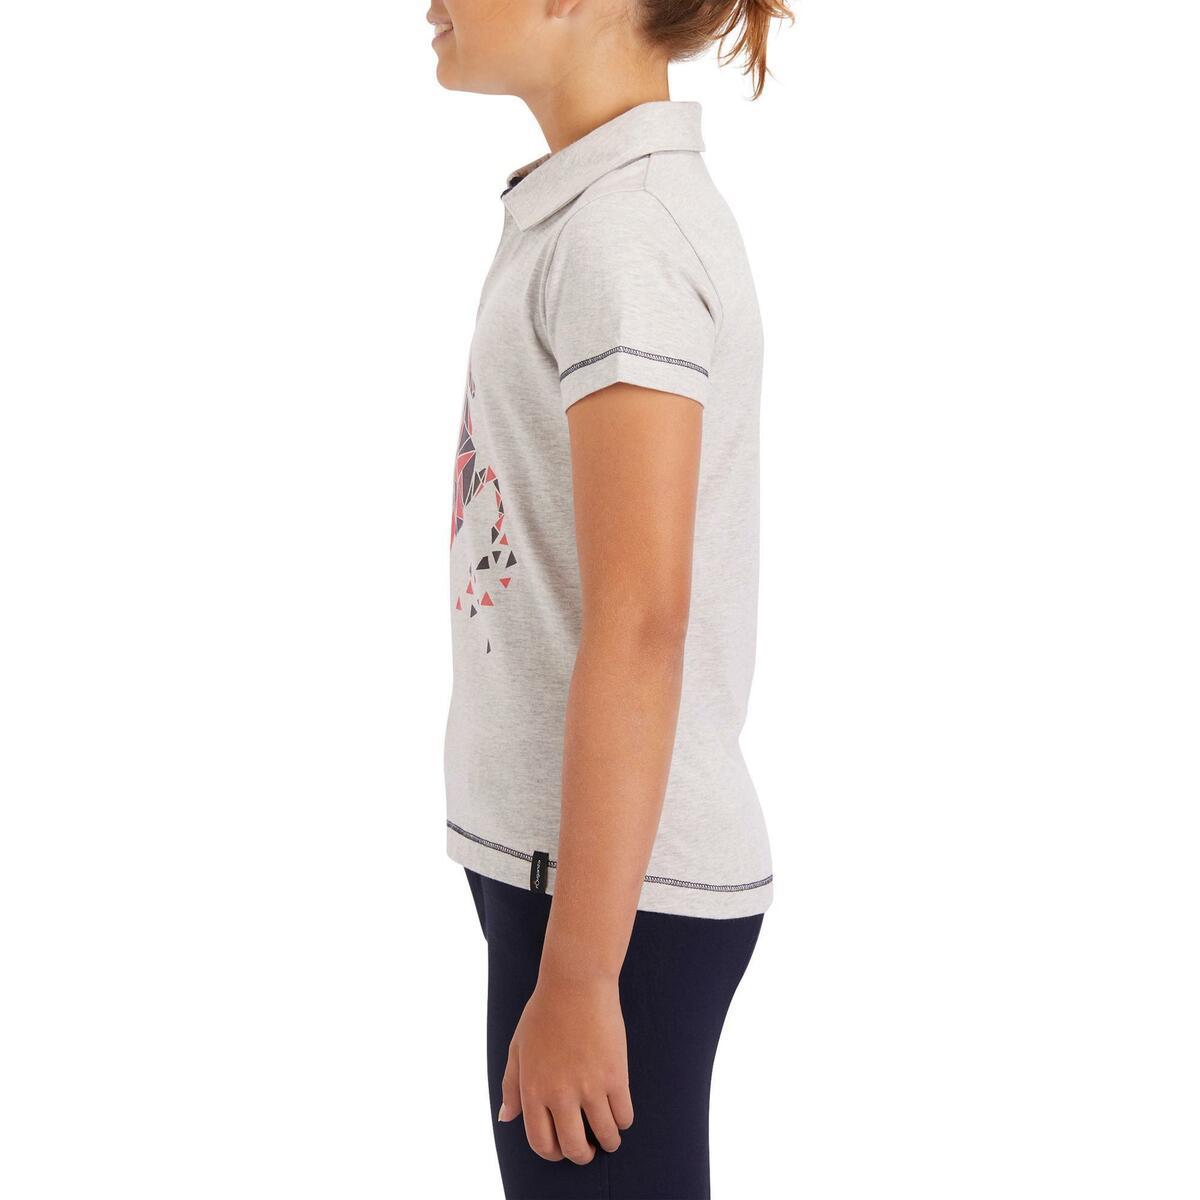 Bild 5 von Reit-Poloshirt Kurzarm Kinder Mädchen graumeliert mit rosafarbenem Motiv